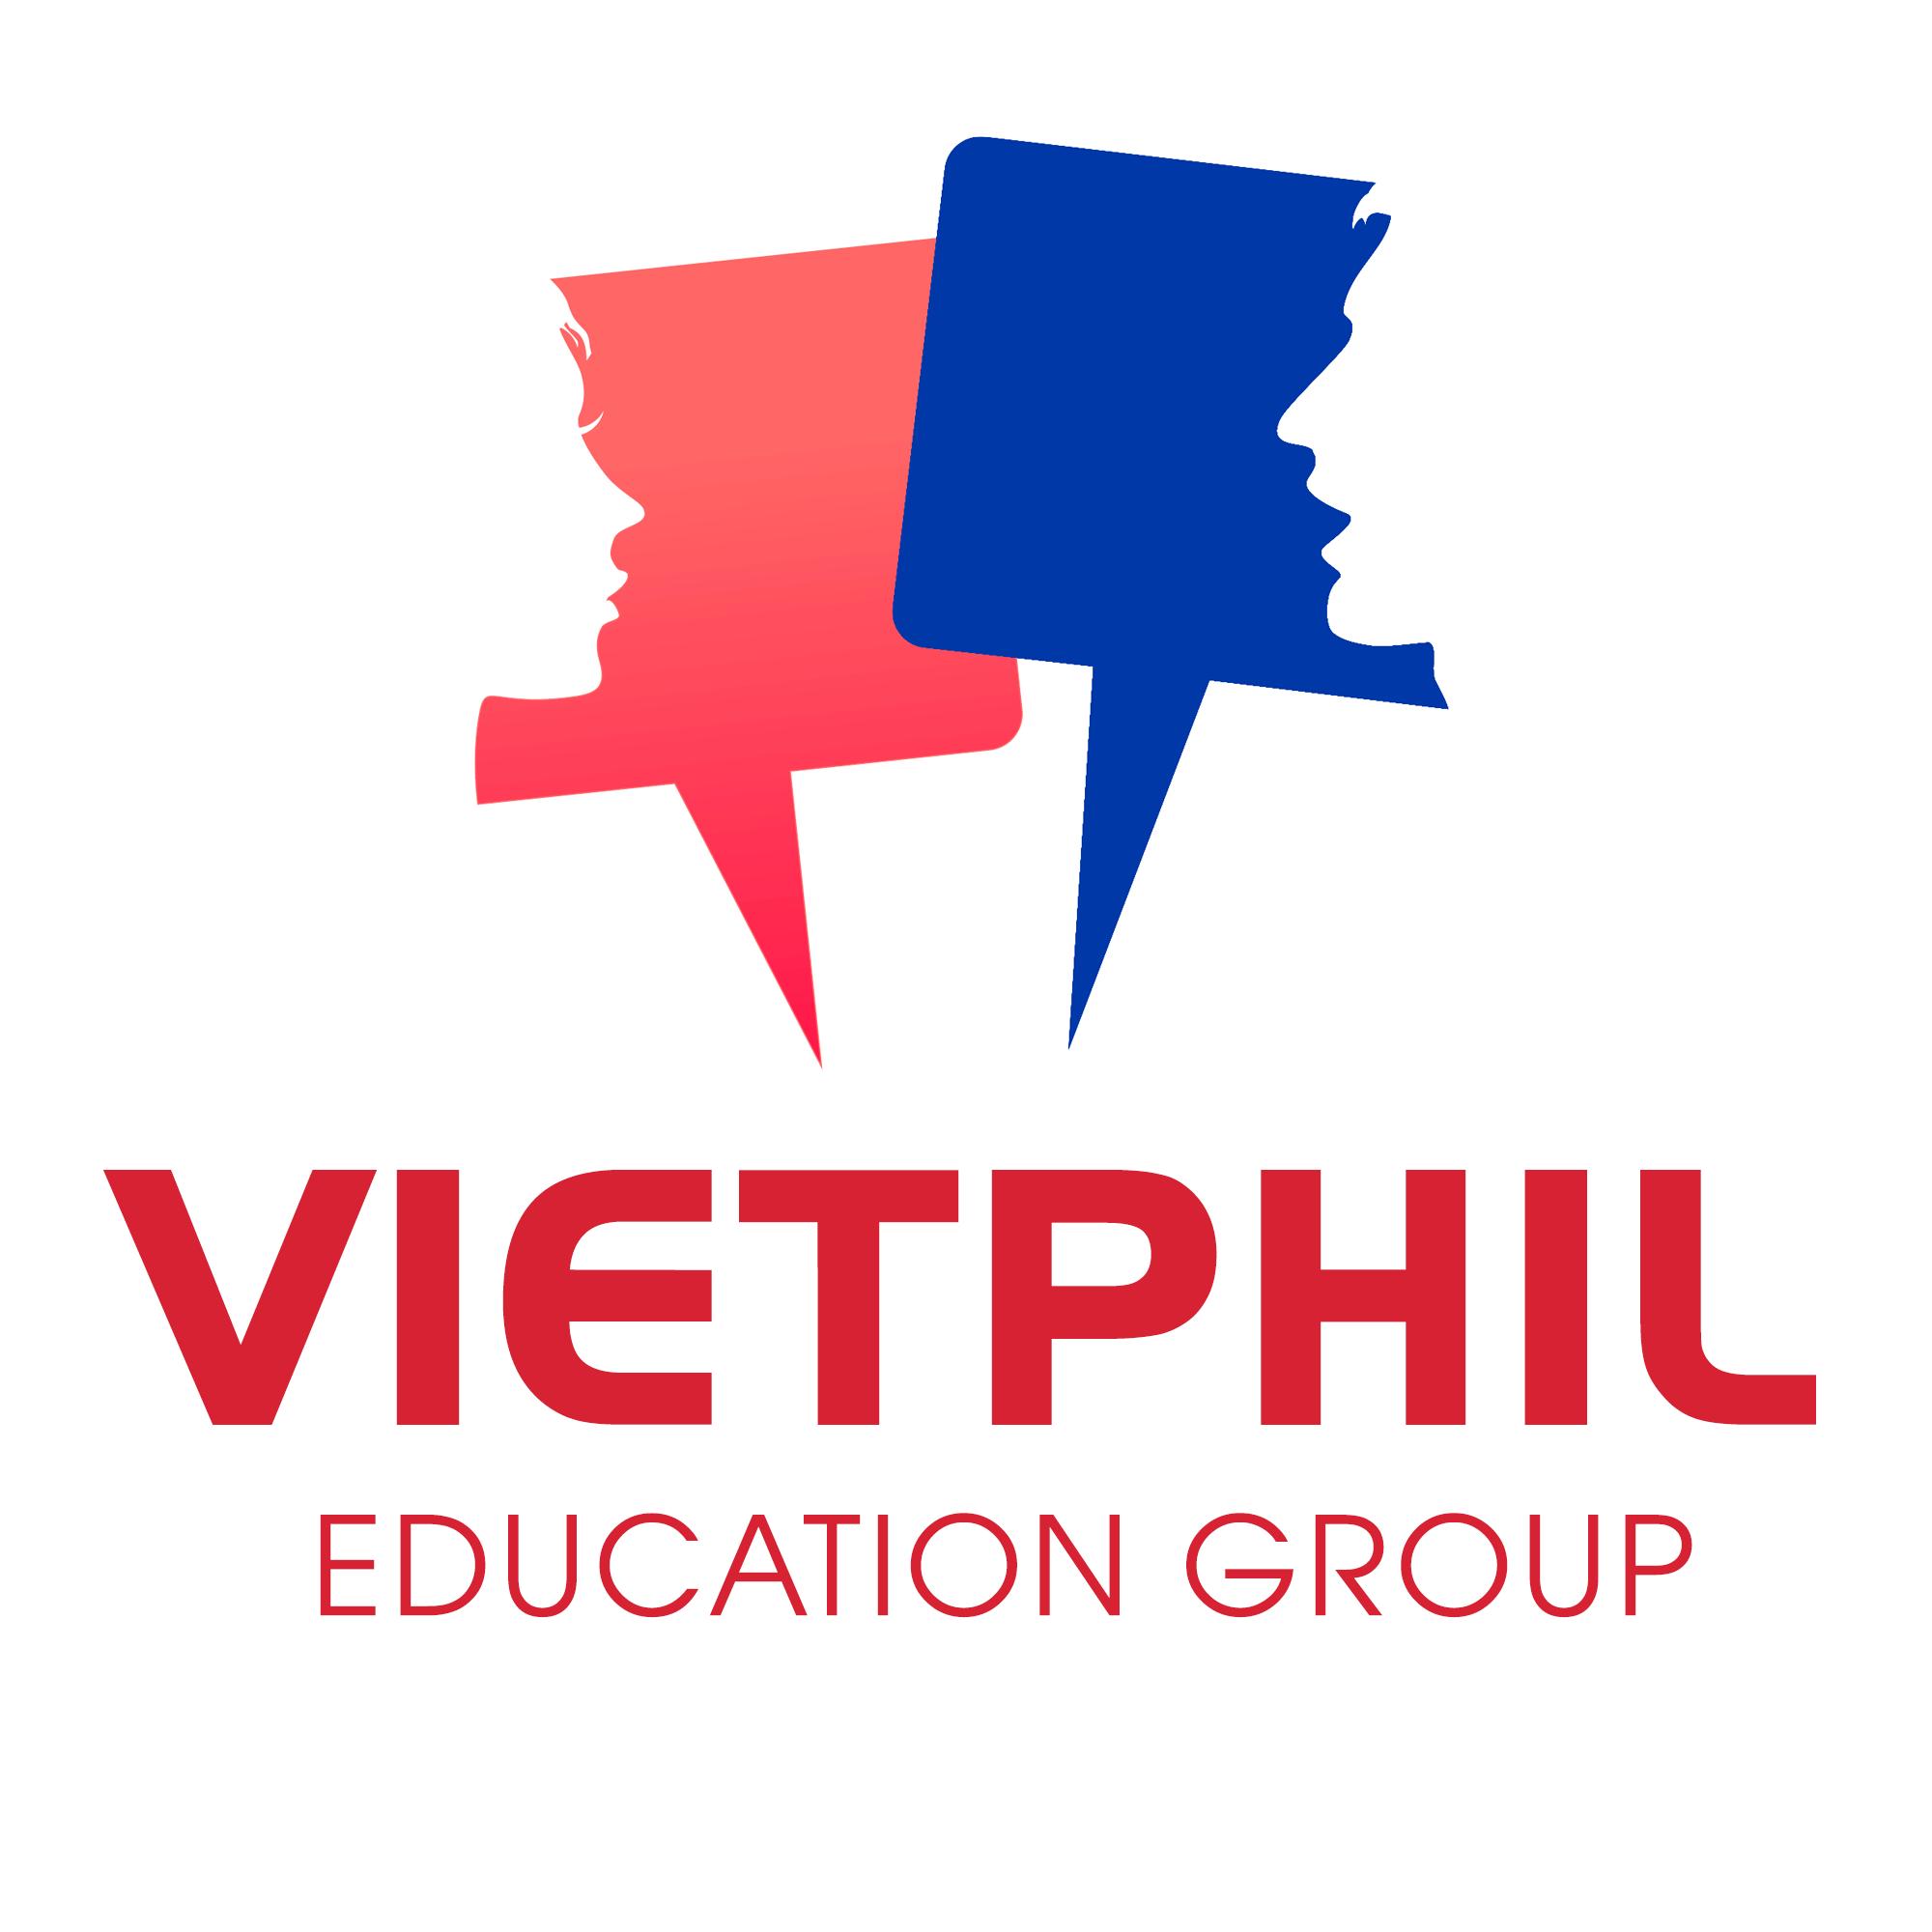 VietPhil Education Group